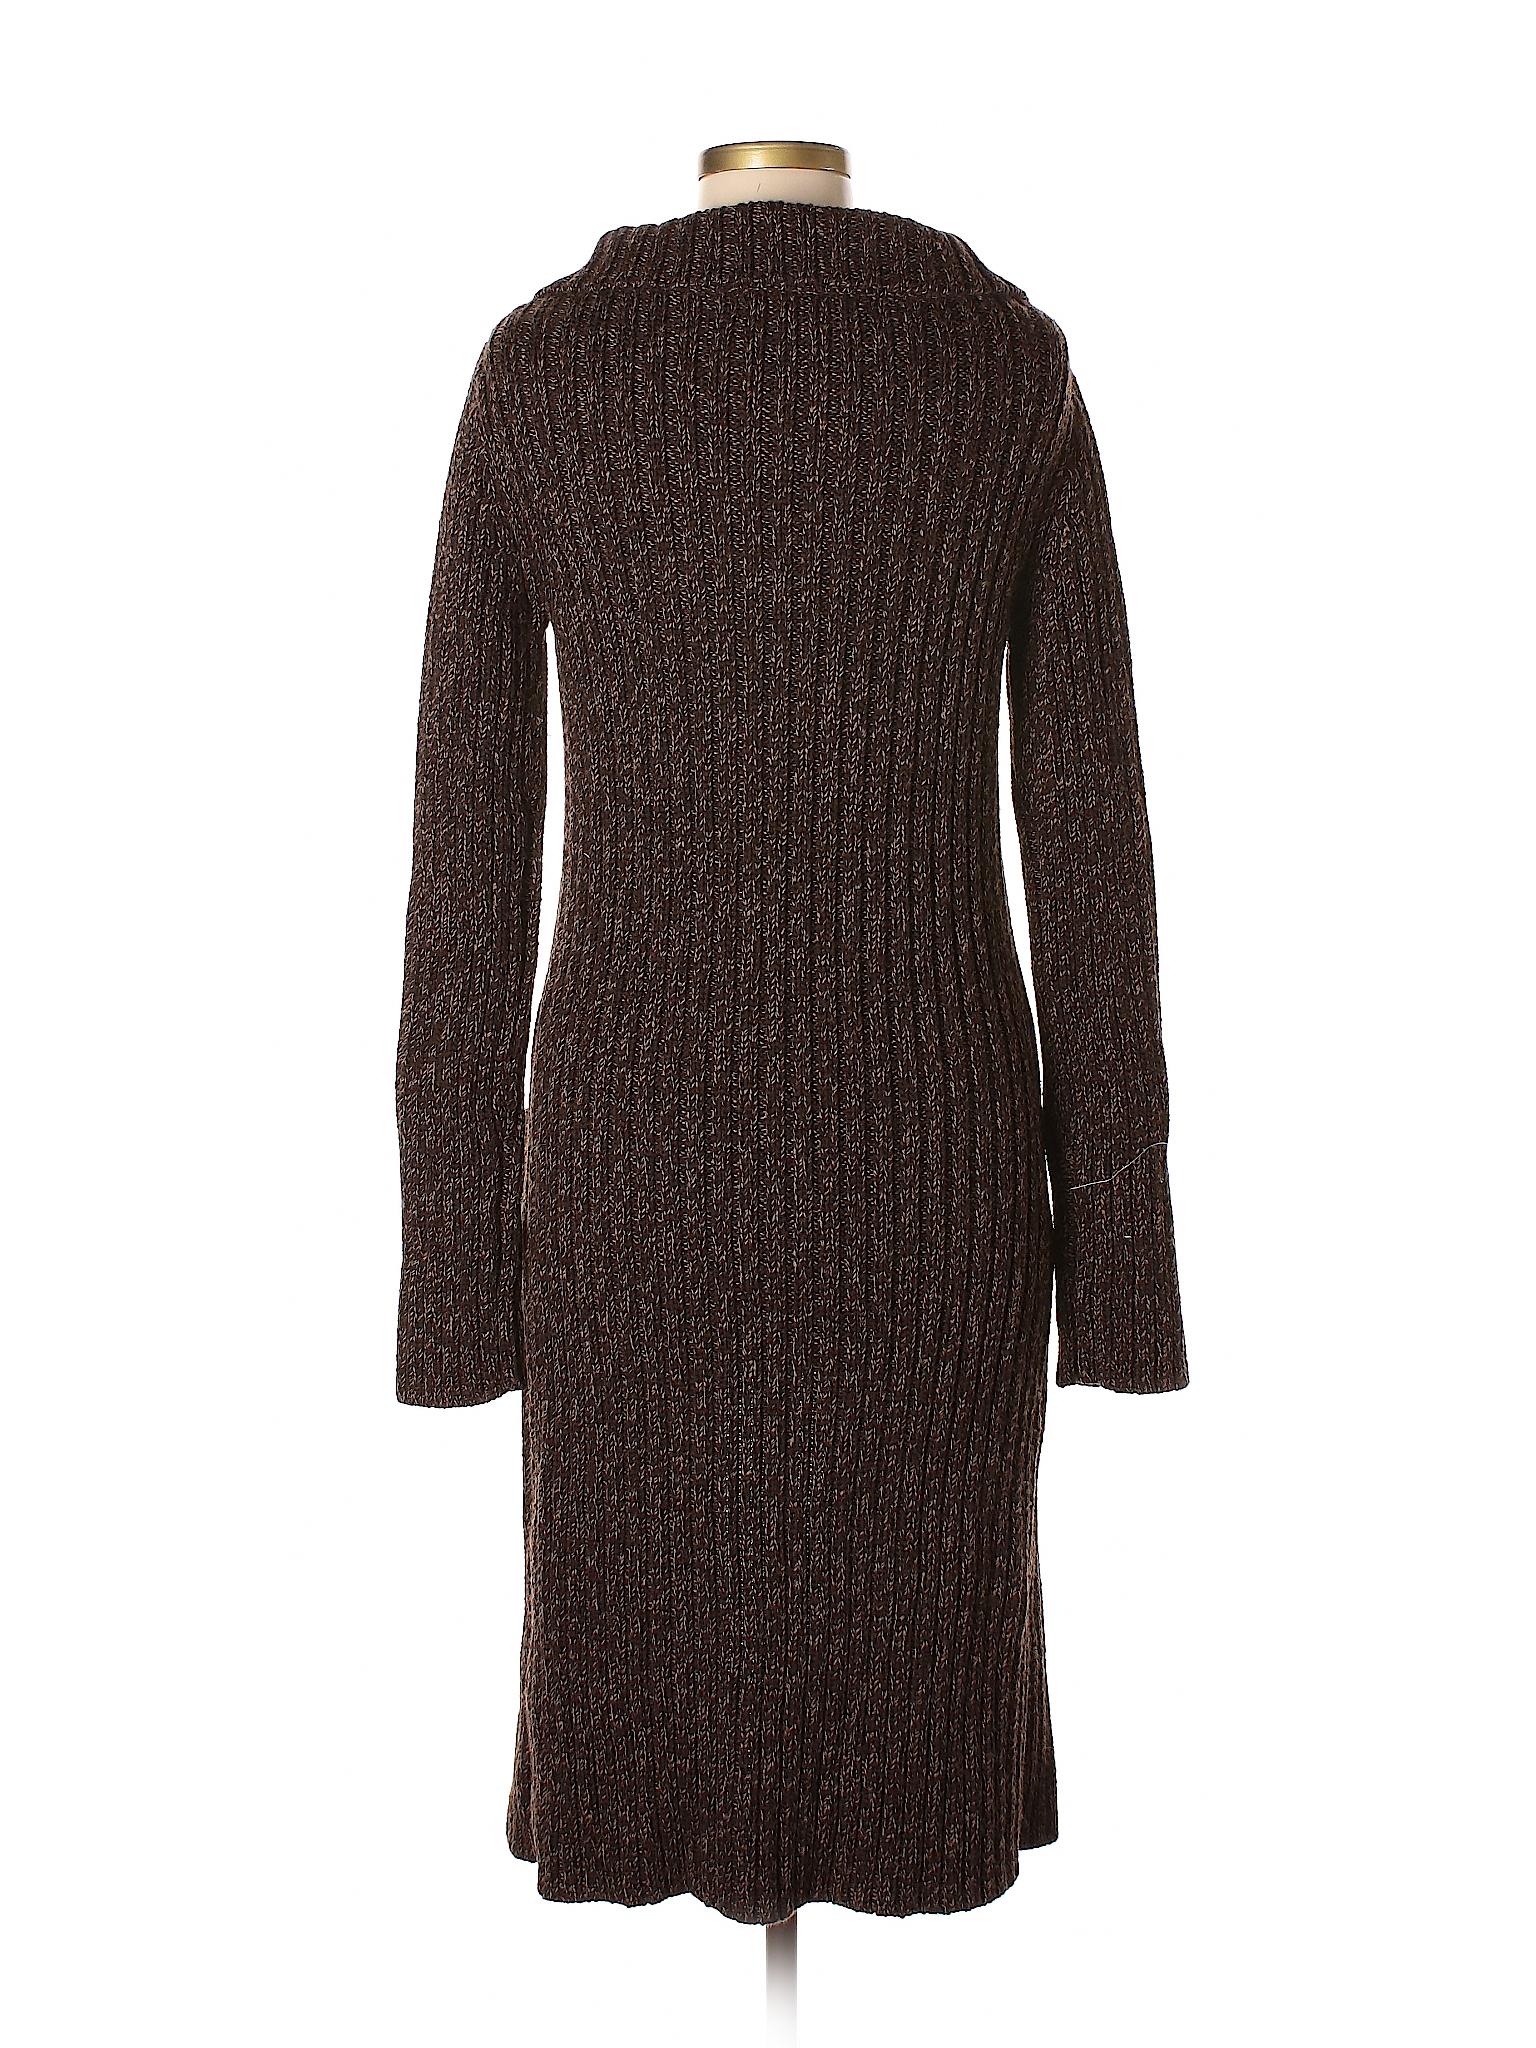 Cardigan Wool von Boutique Furstenberg Diane xtqn5R5Iw